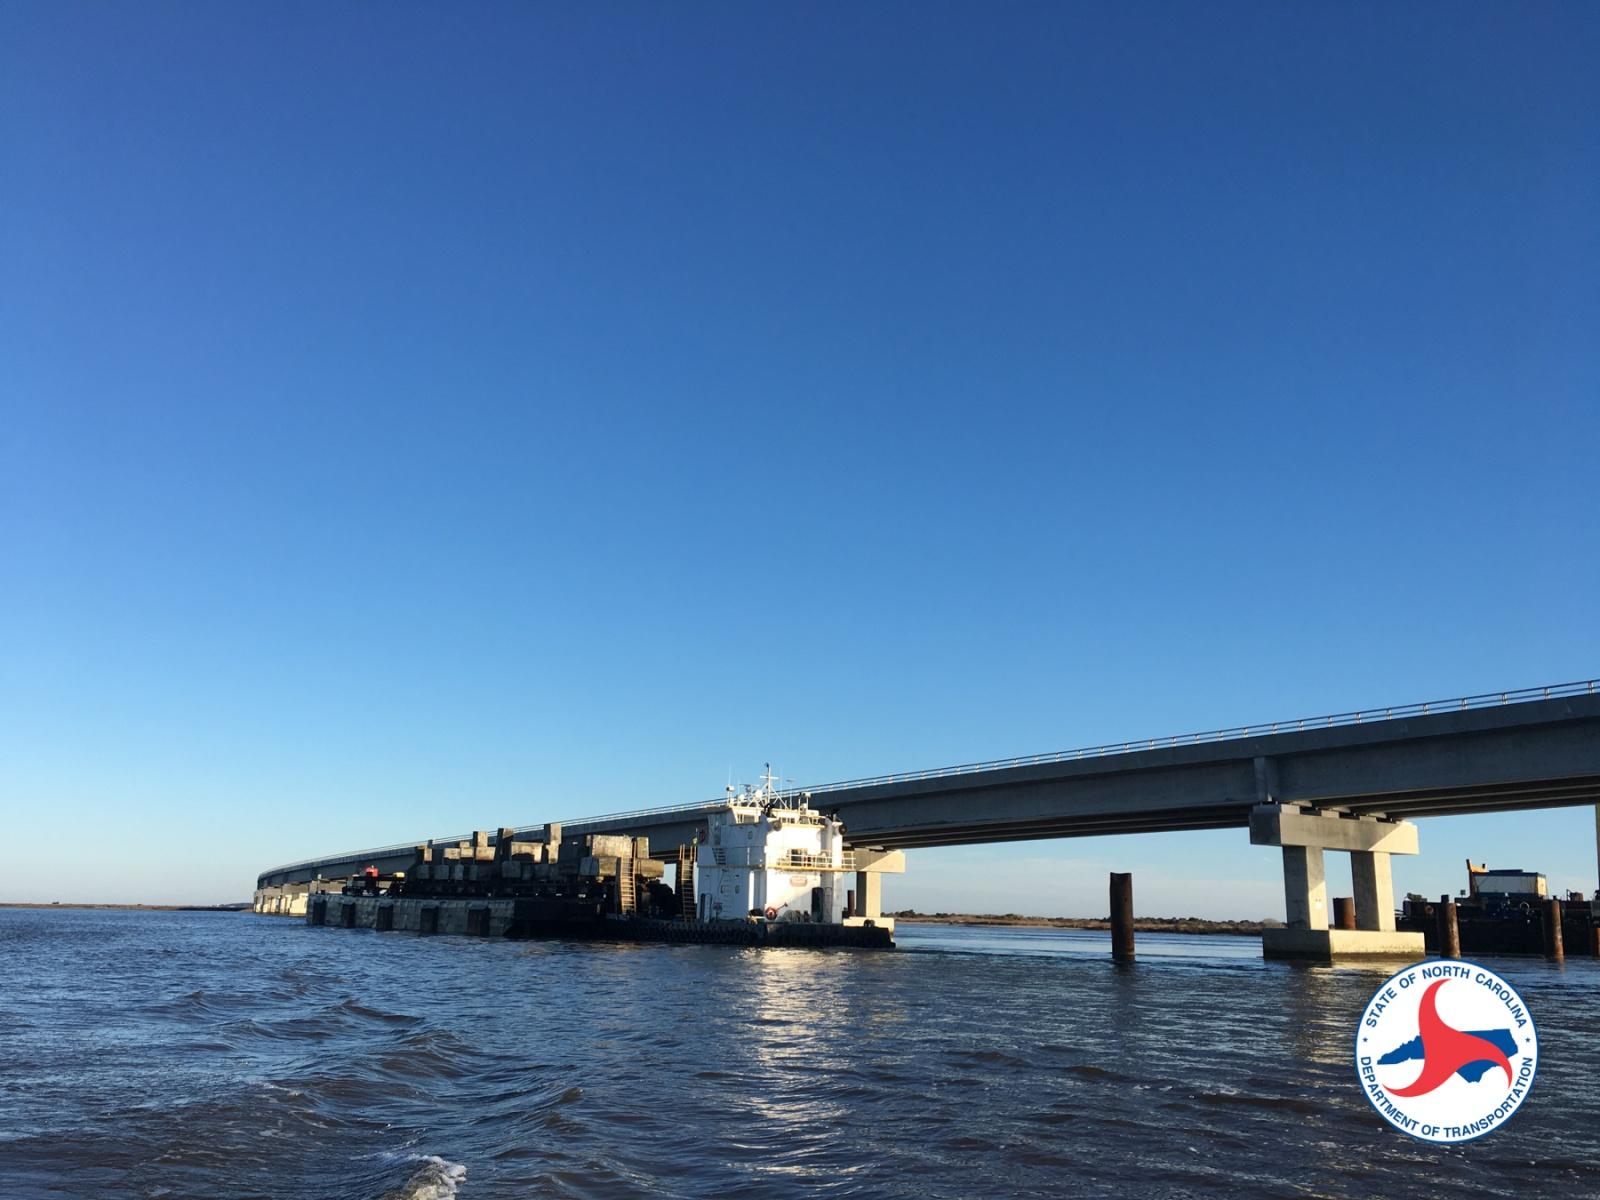 bridge-20210223-_basnightbridgeinspection_-1_50979358021_o